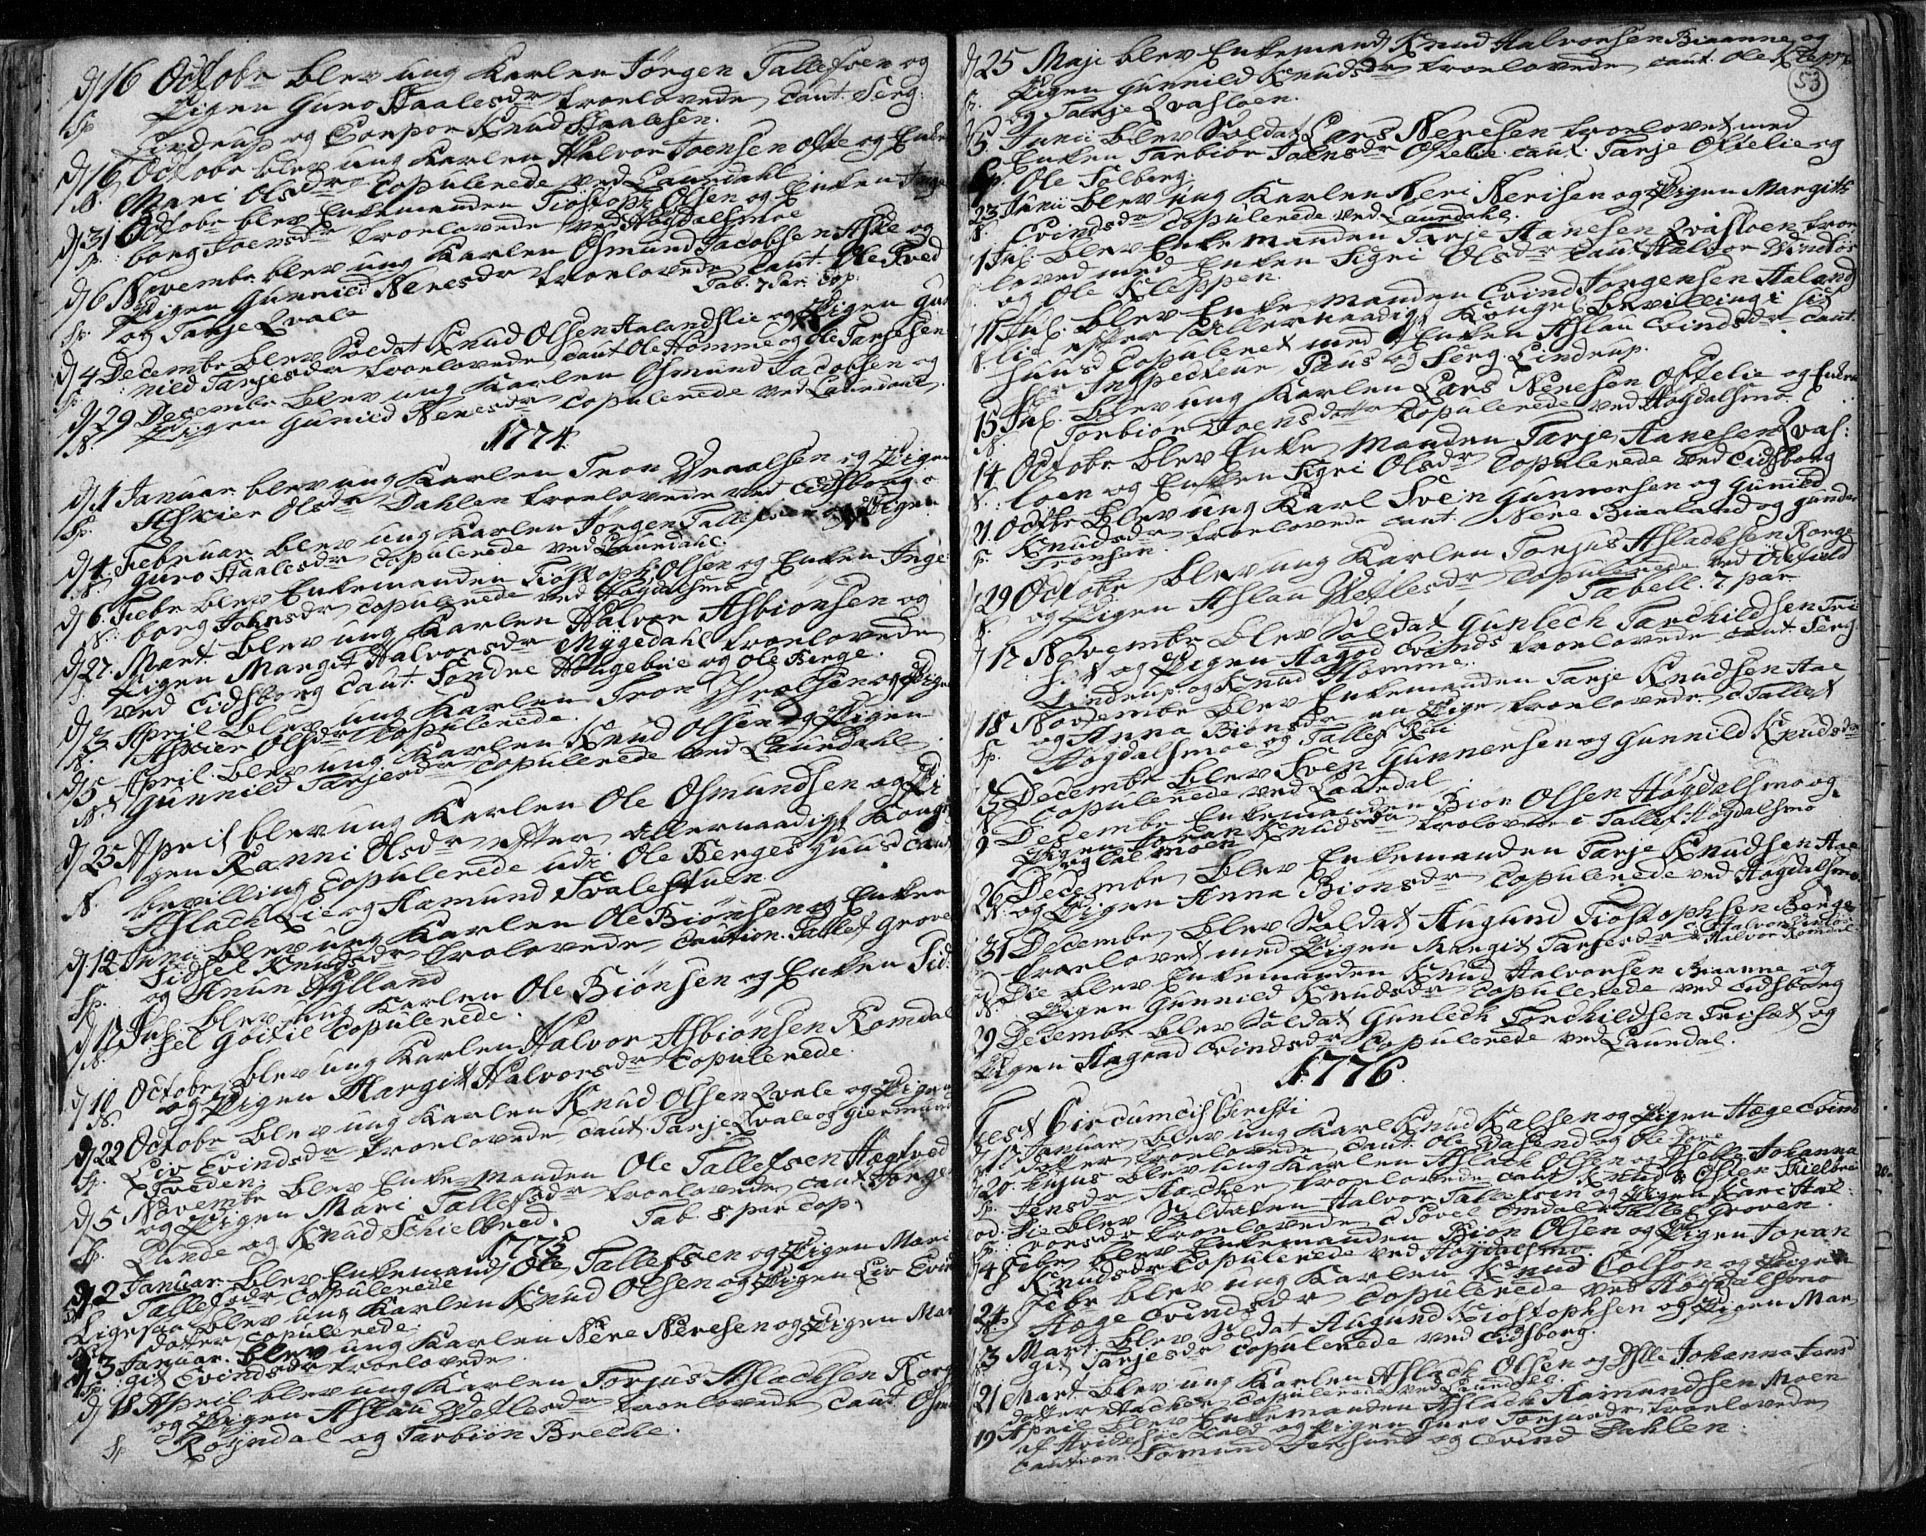 SAKO, Lårdal kirkebøker, F/Fa/L0003: Ministerialbok nr. I 3, 1754-1790, s. 53